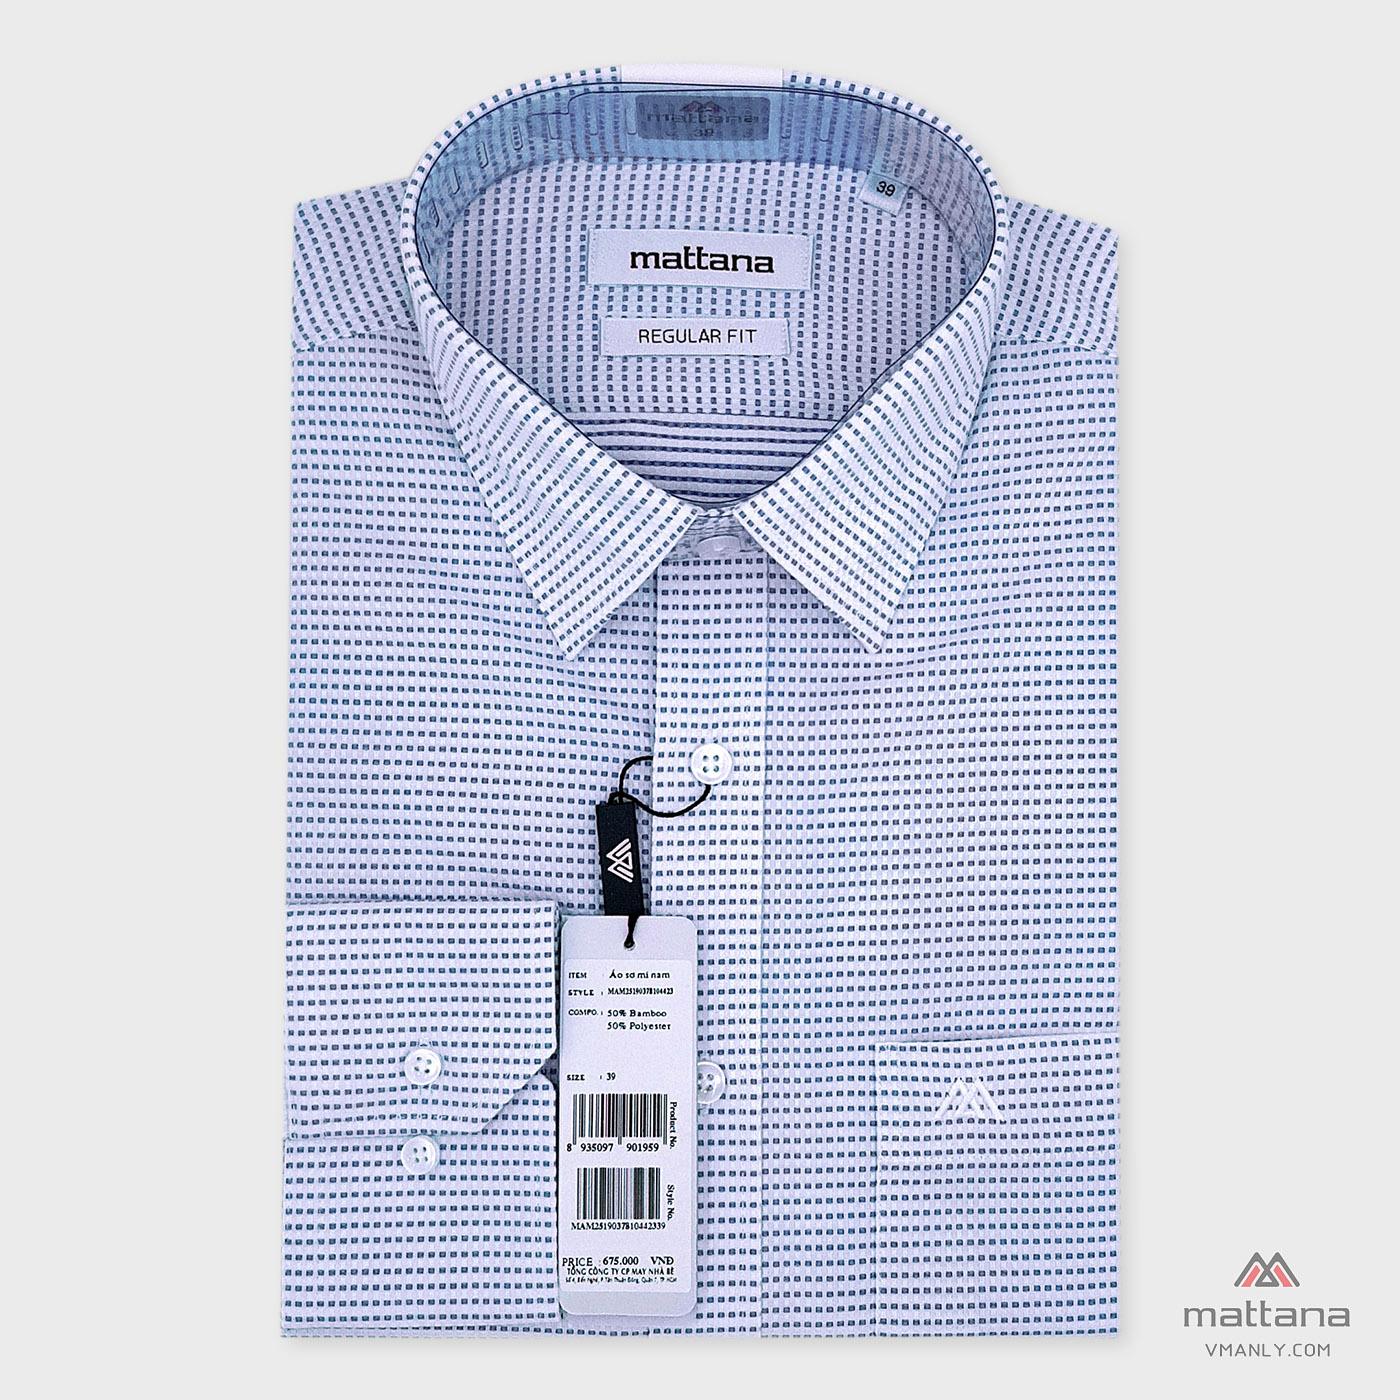 Áo sơ mi nam dài tay Mattana regular fit màu trắng carô xanh MAM25190378104423